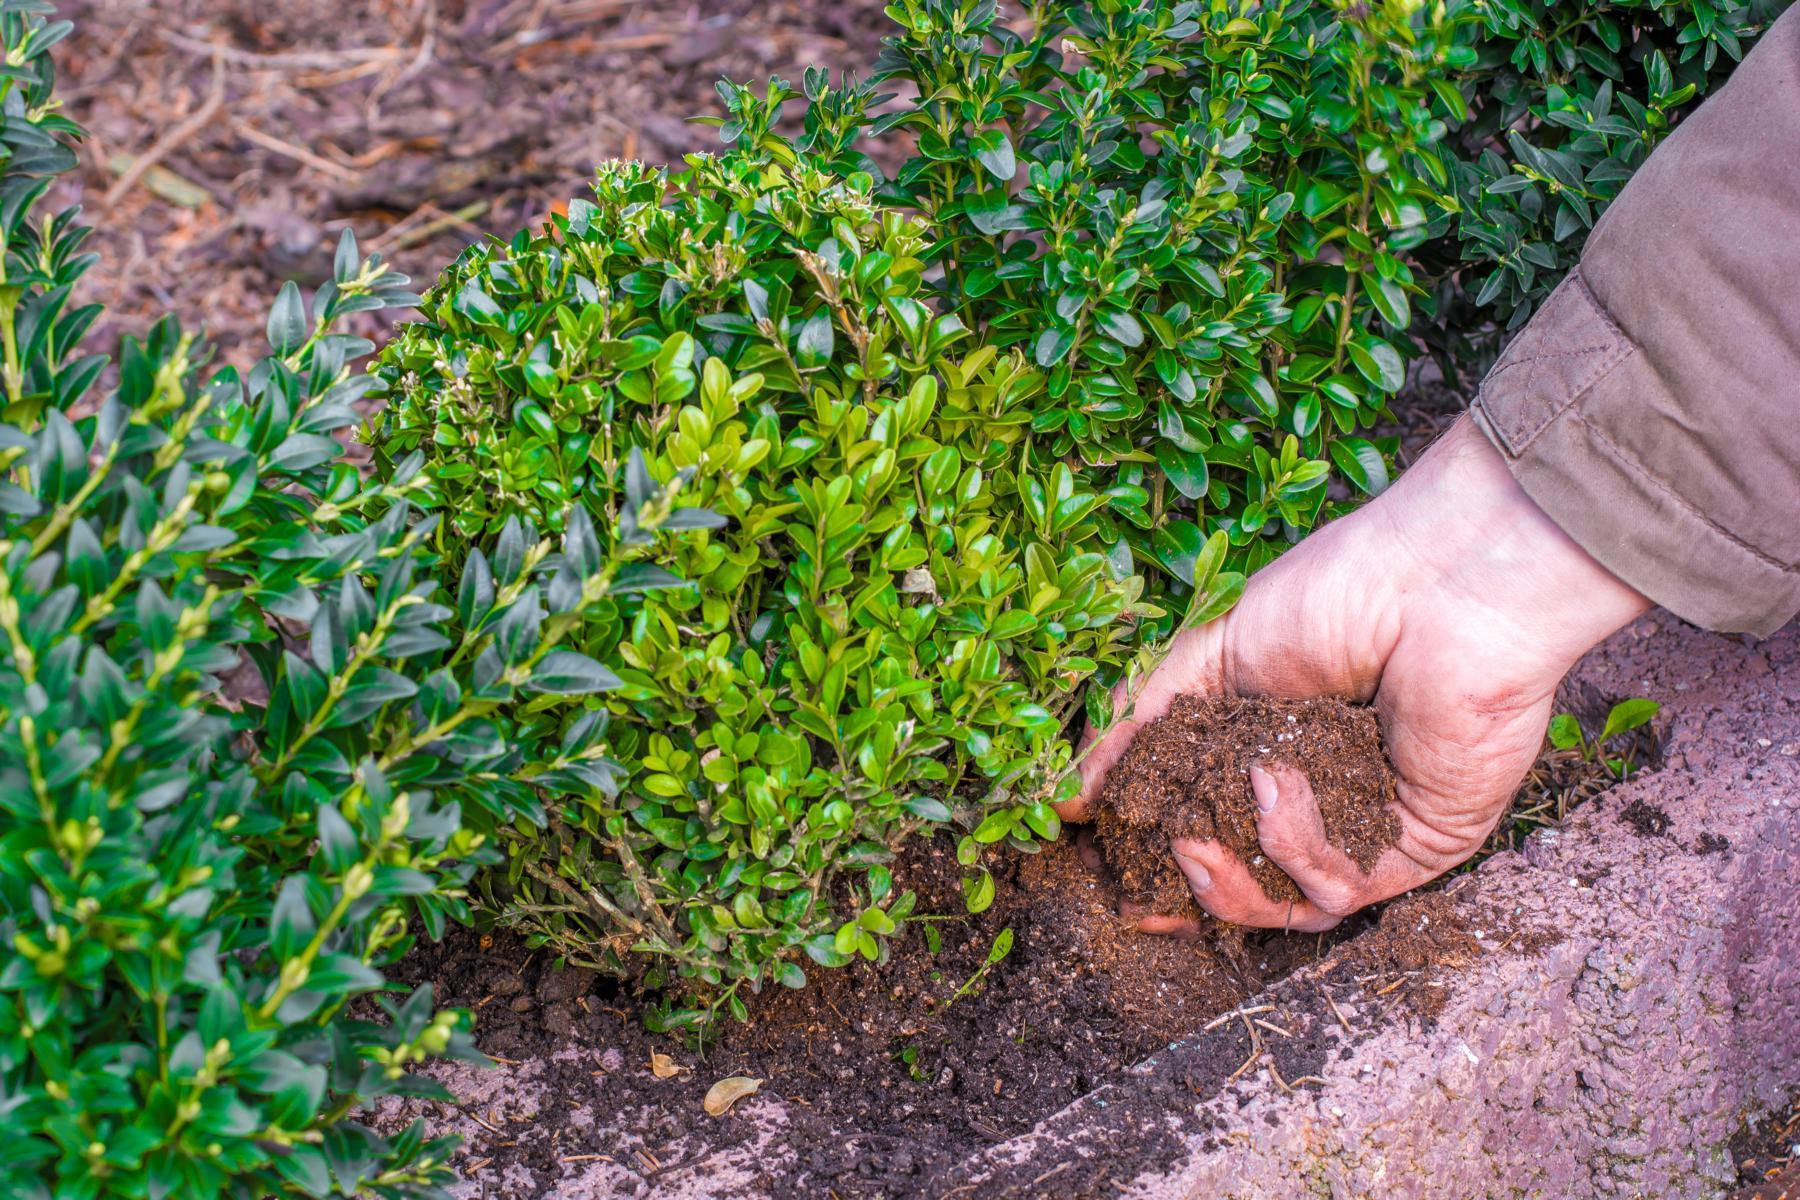 Anfpflanzen eines Buchsbaums in einem Pflanzstein